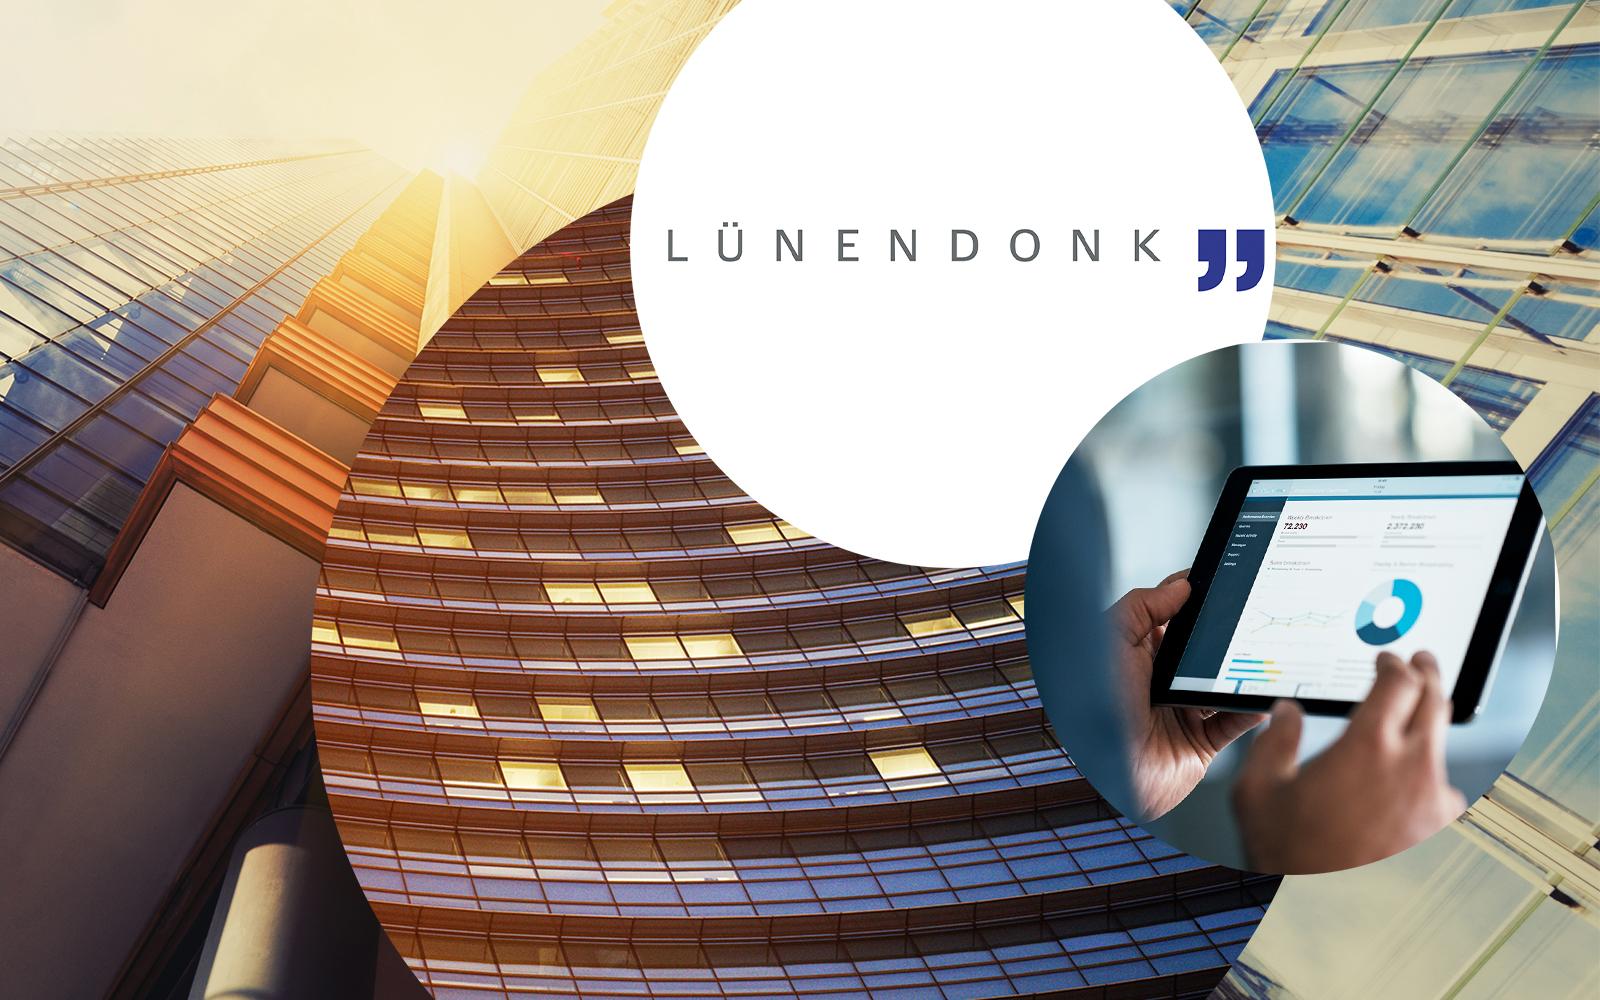 Lünendonk Logo, daneben ein Bild von einem Tablet mit Grafiken und dahinter Bilder von einem Gebäude, Lünendonk-Studie 2018 belegt rasantes Wachstum von valantic